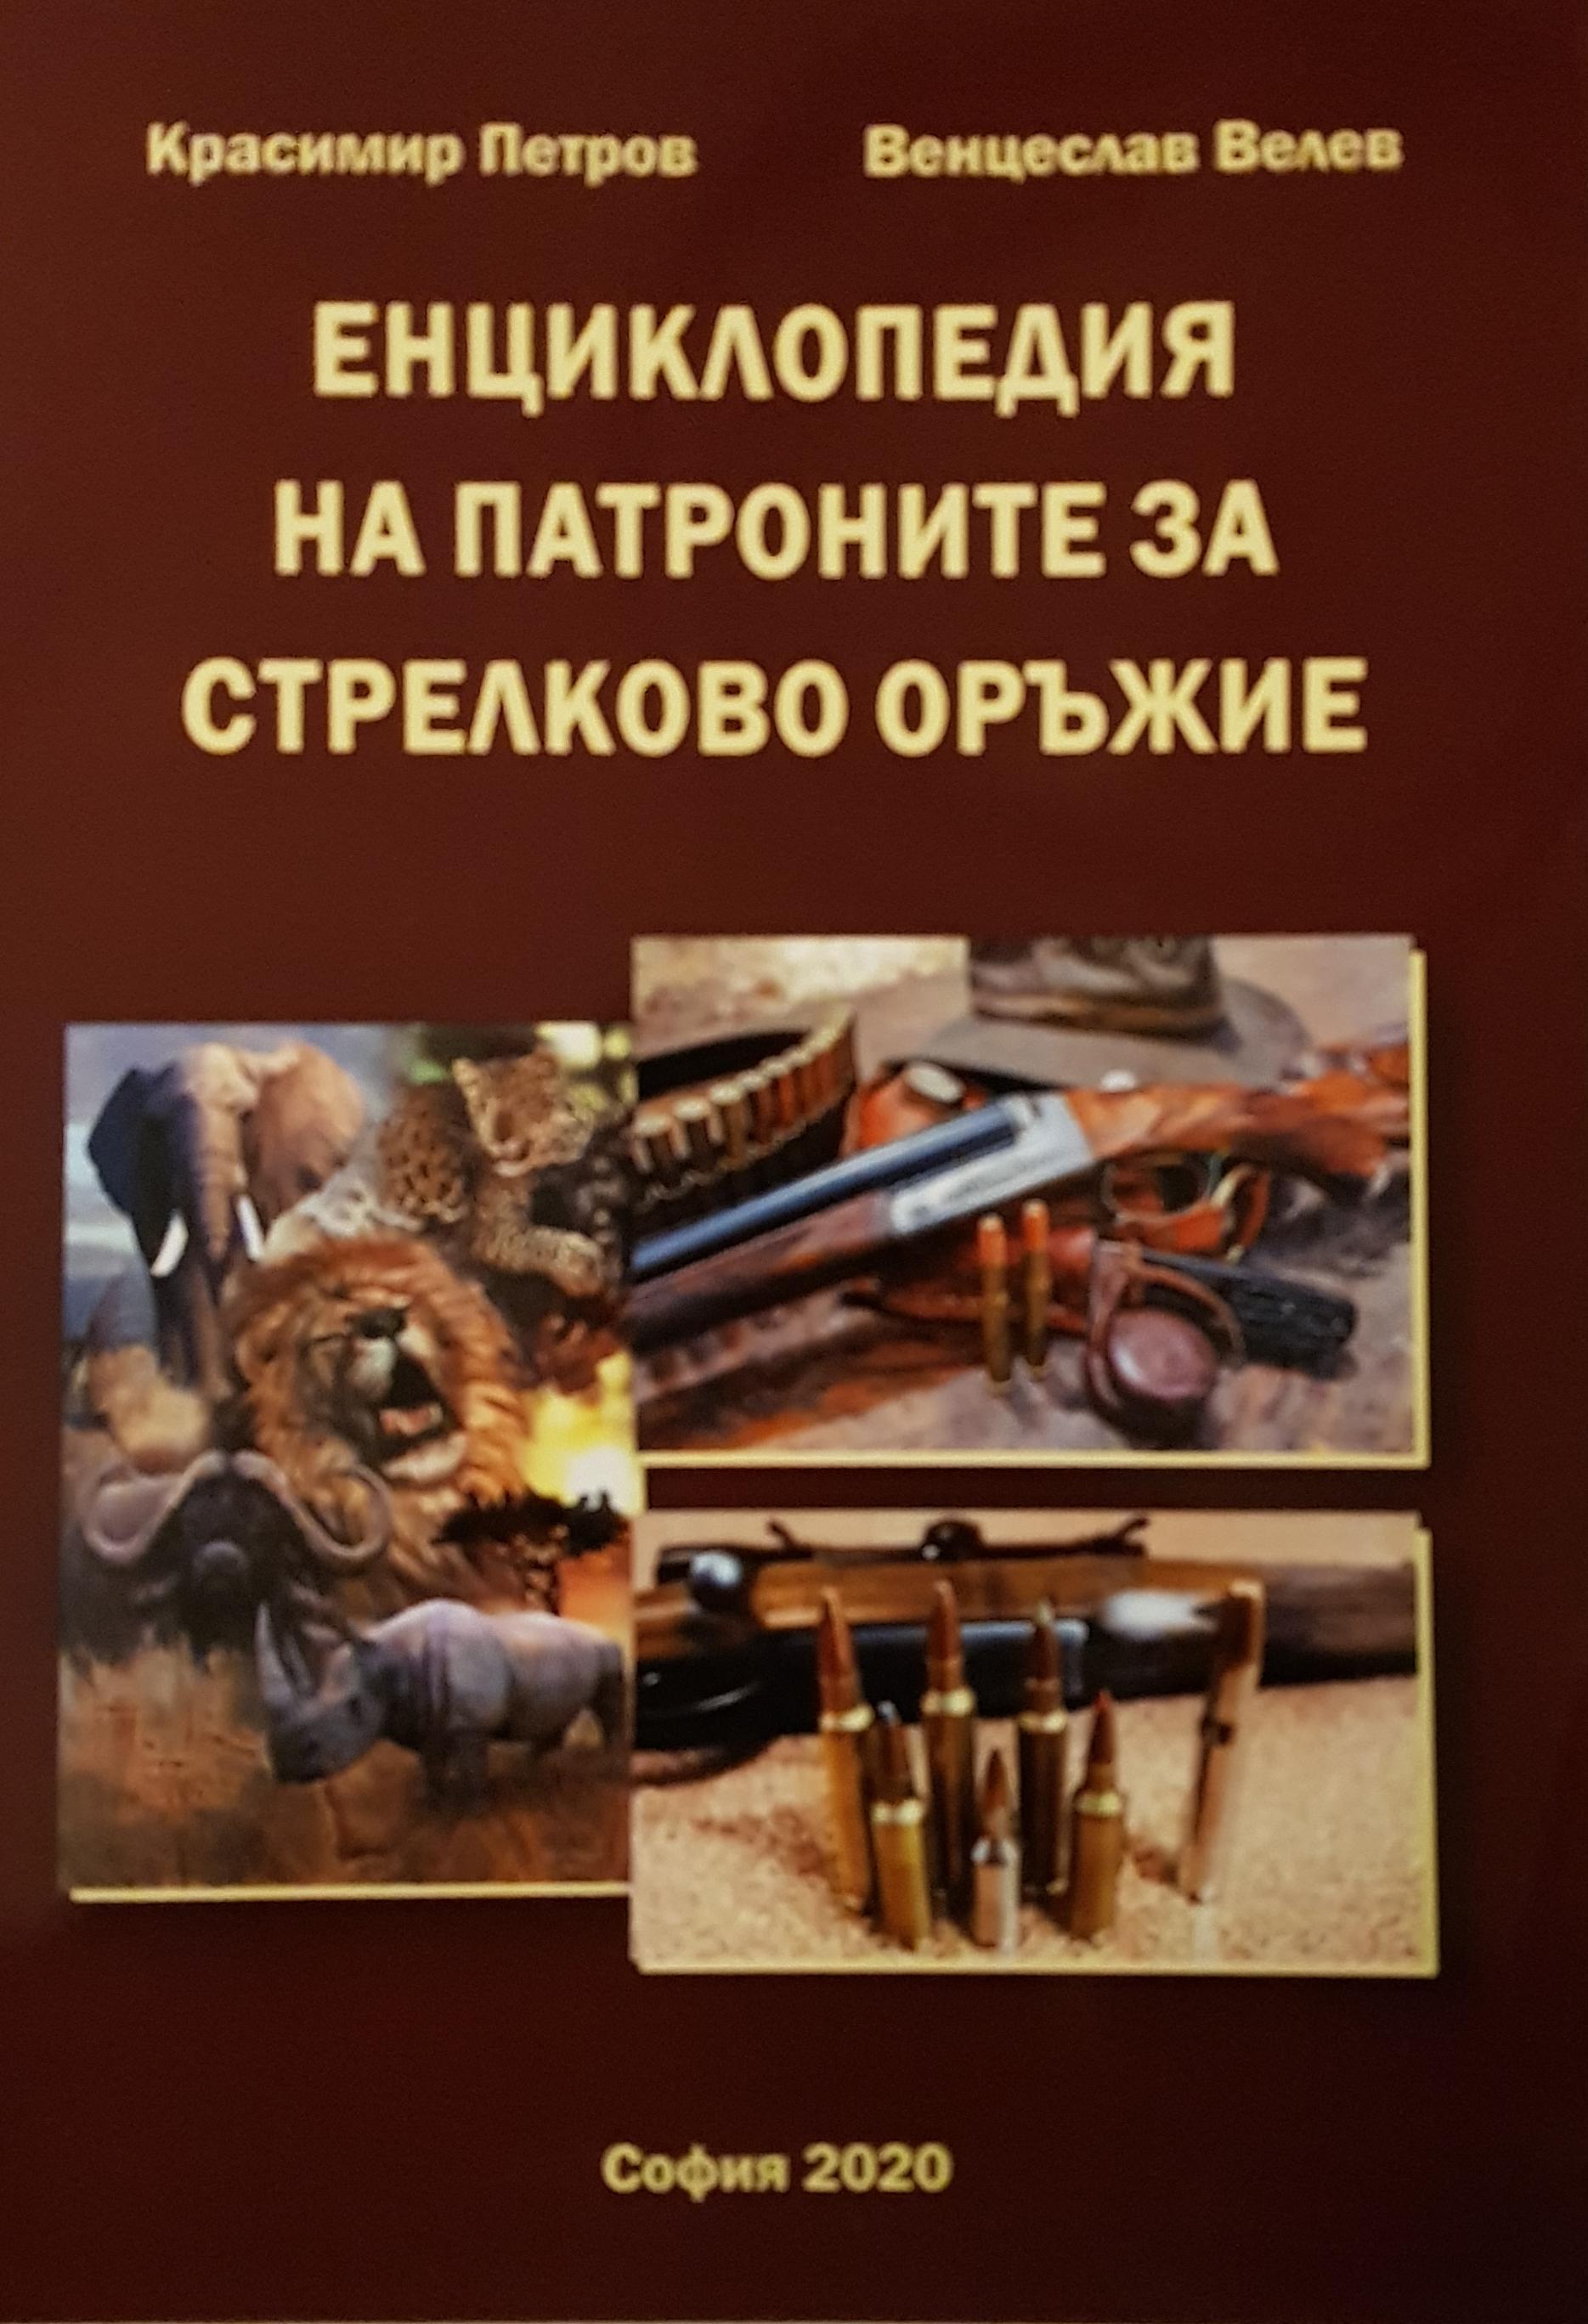 Енциклопедия на патроните за стрелково оръжие